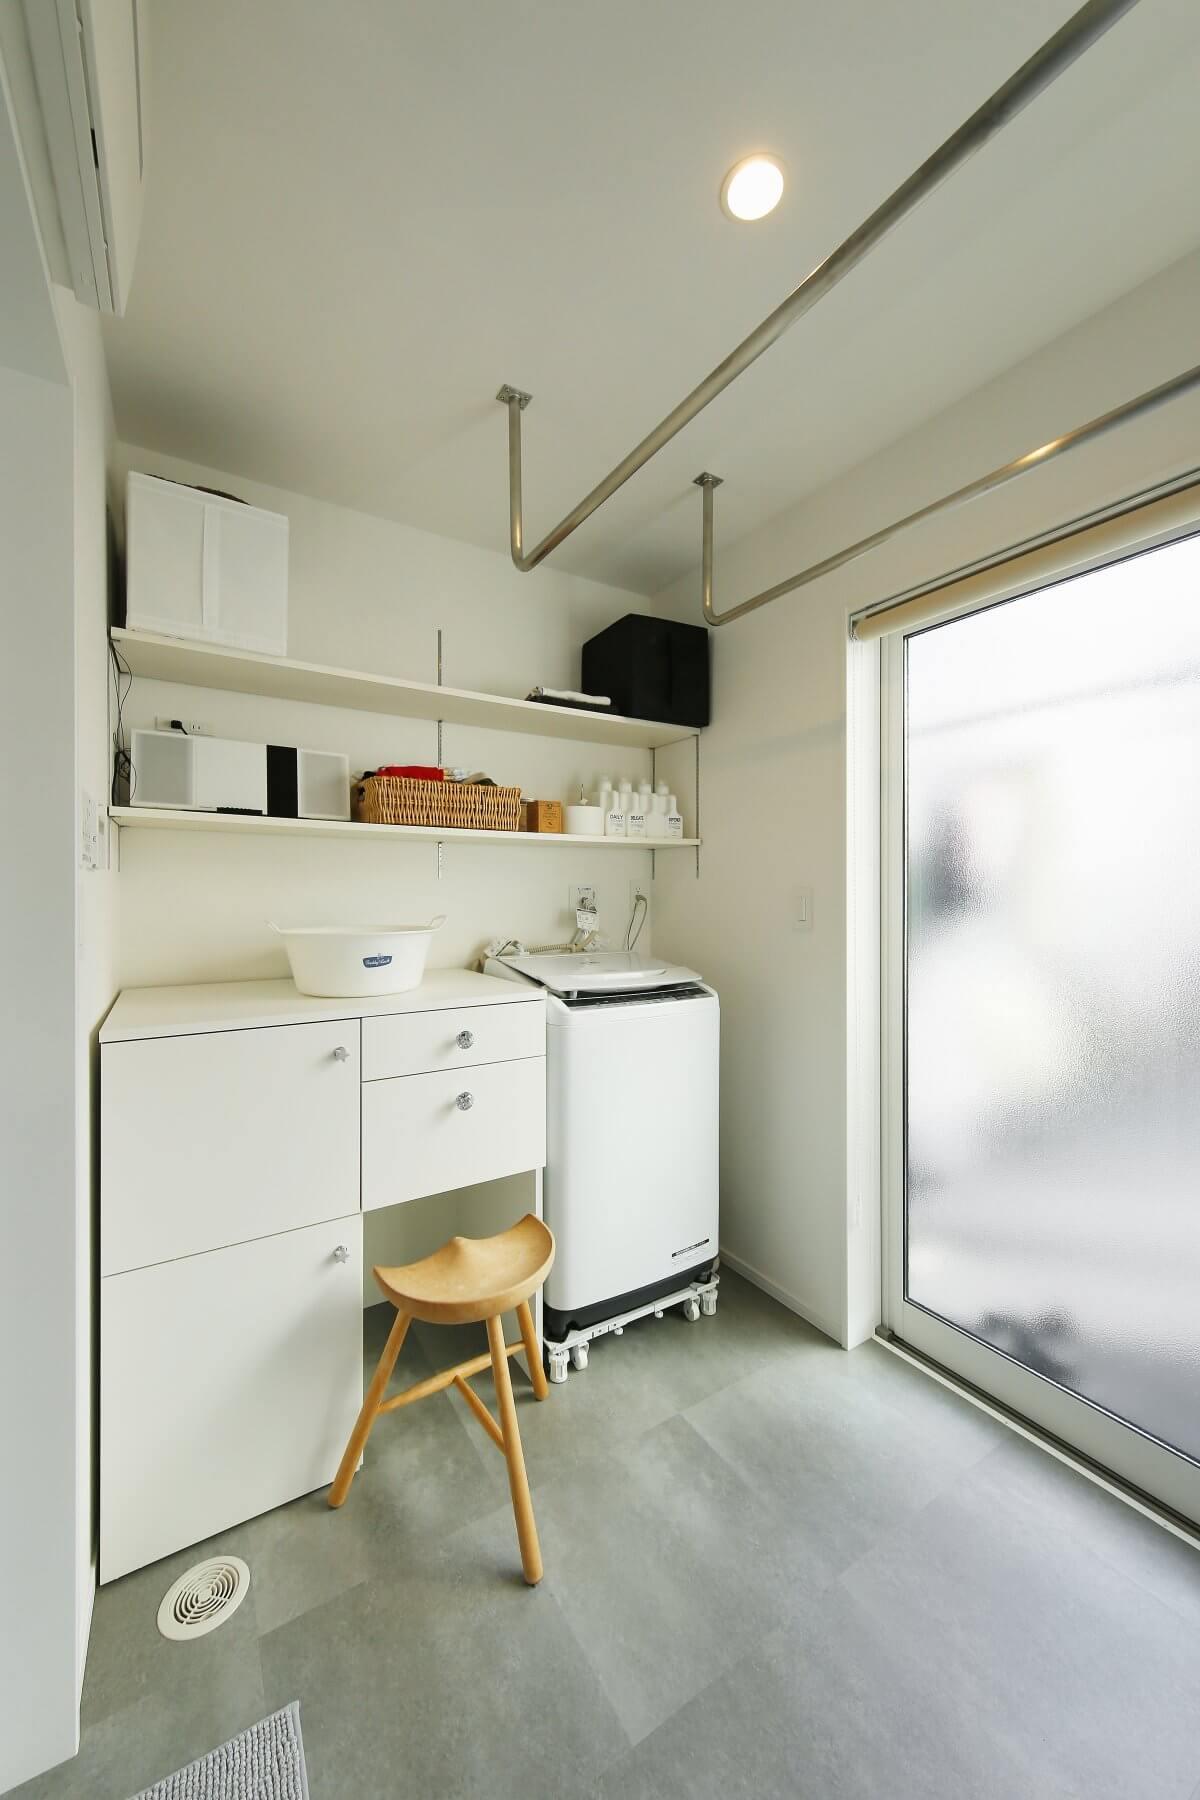 洗濯室兼脱衣室。部屋干し→取り込み→アイロンがけもできる便利な場所で、窓の向こうはバルコニーに。洗濯後に状況に応じて、室内干しor屋外干しを選ぶことができます。